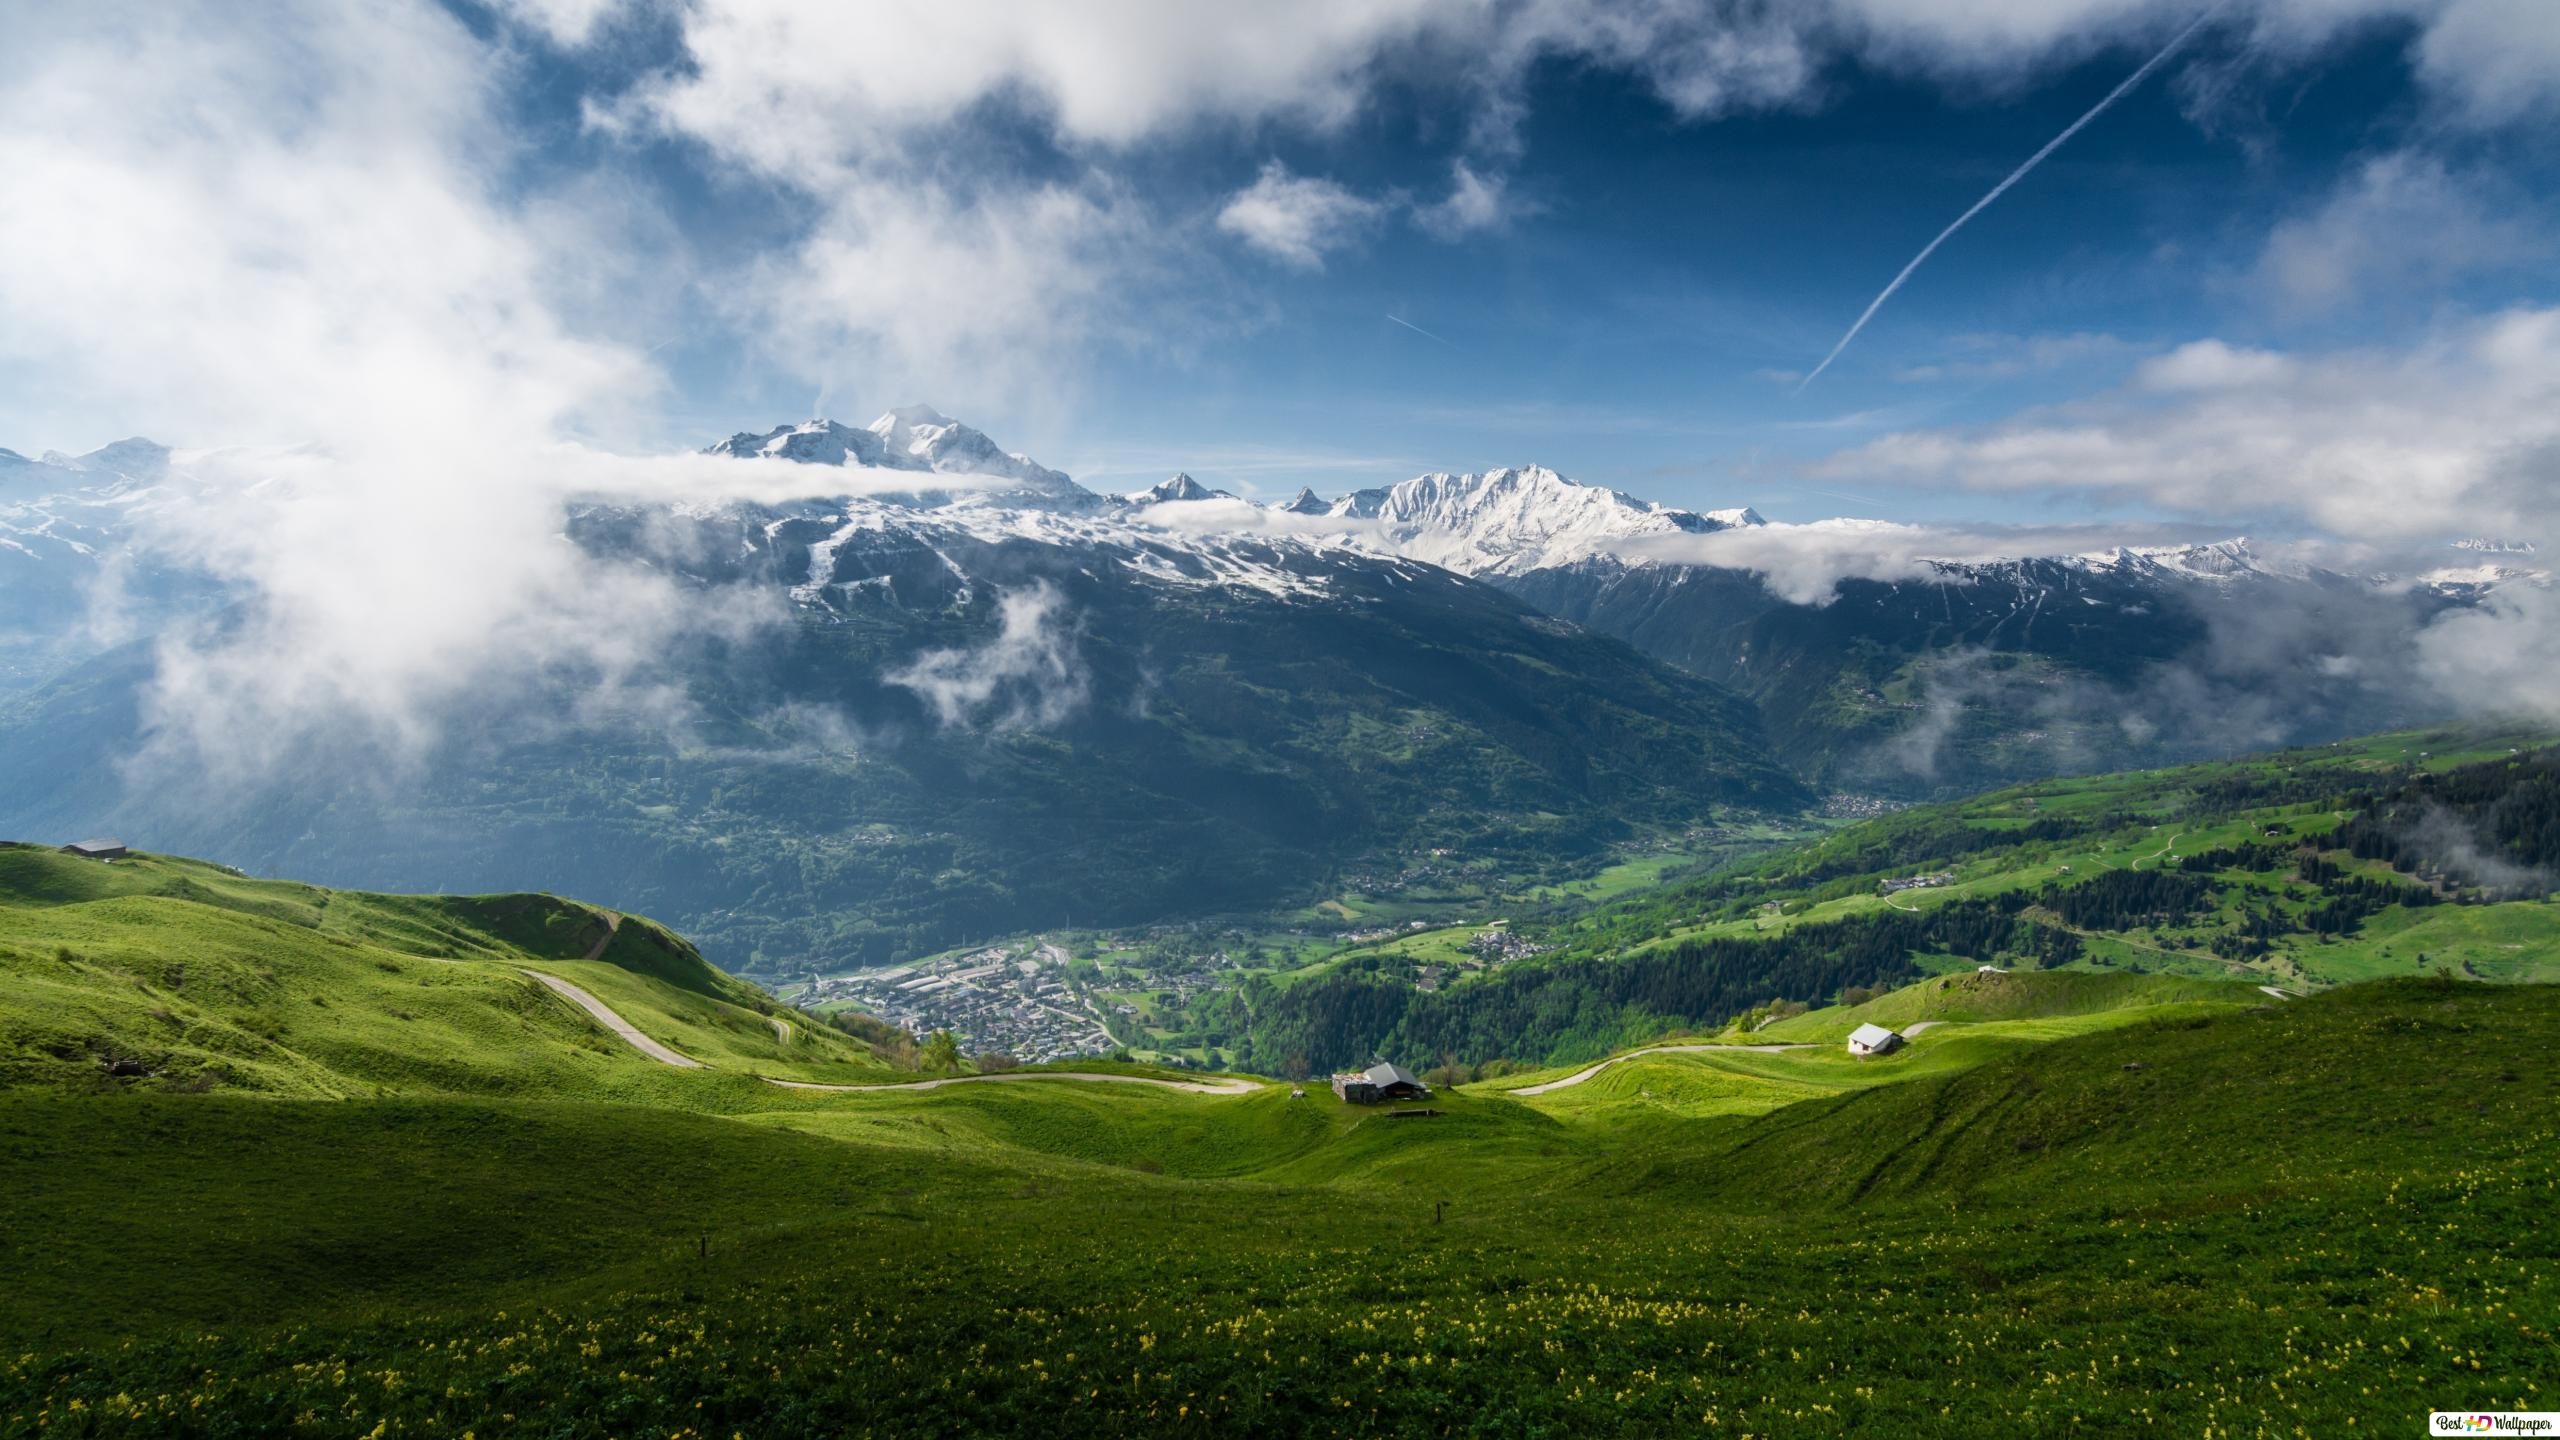 Schnee In Den Bergen Hd Hintergrundbilder Herunterladen